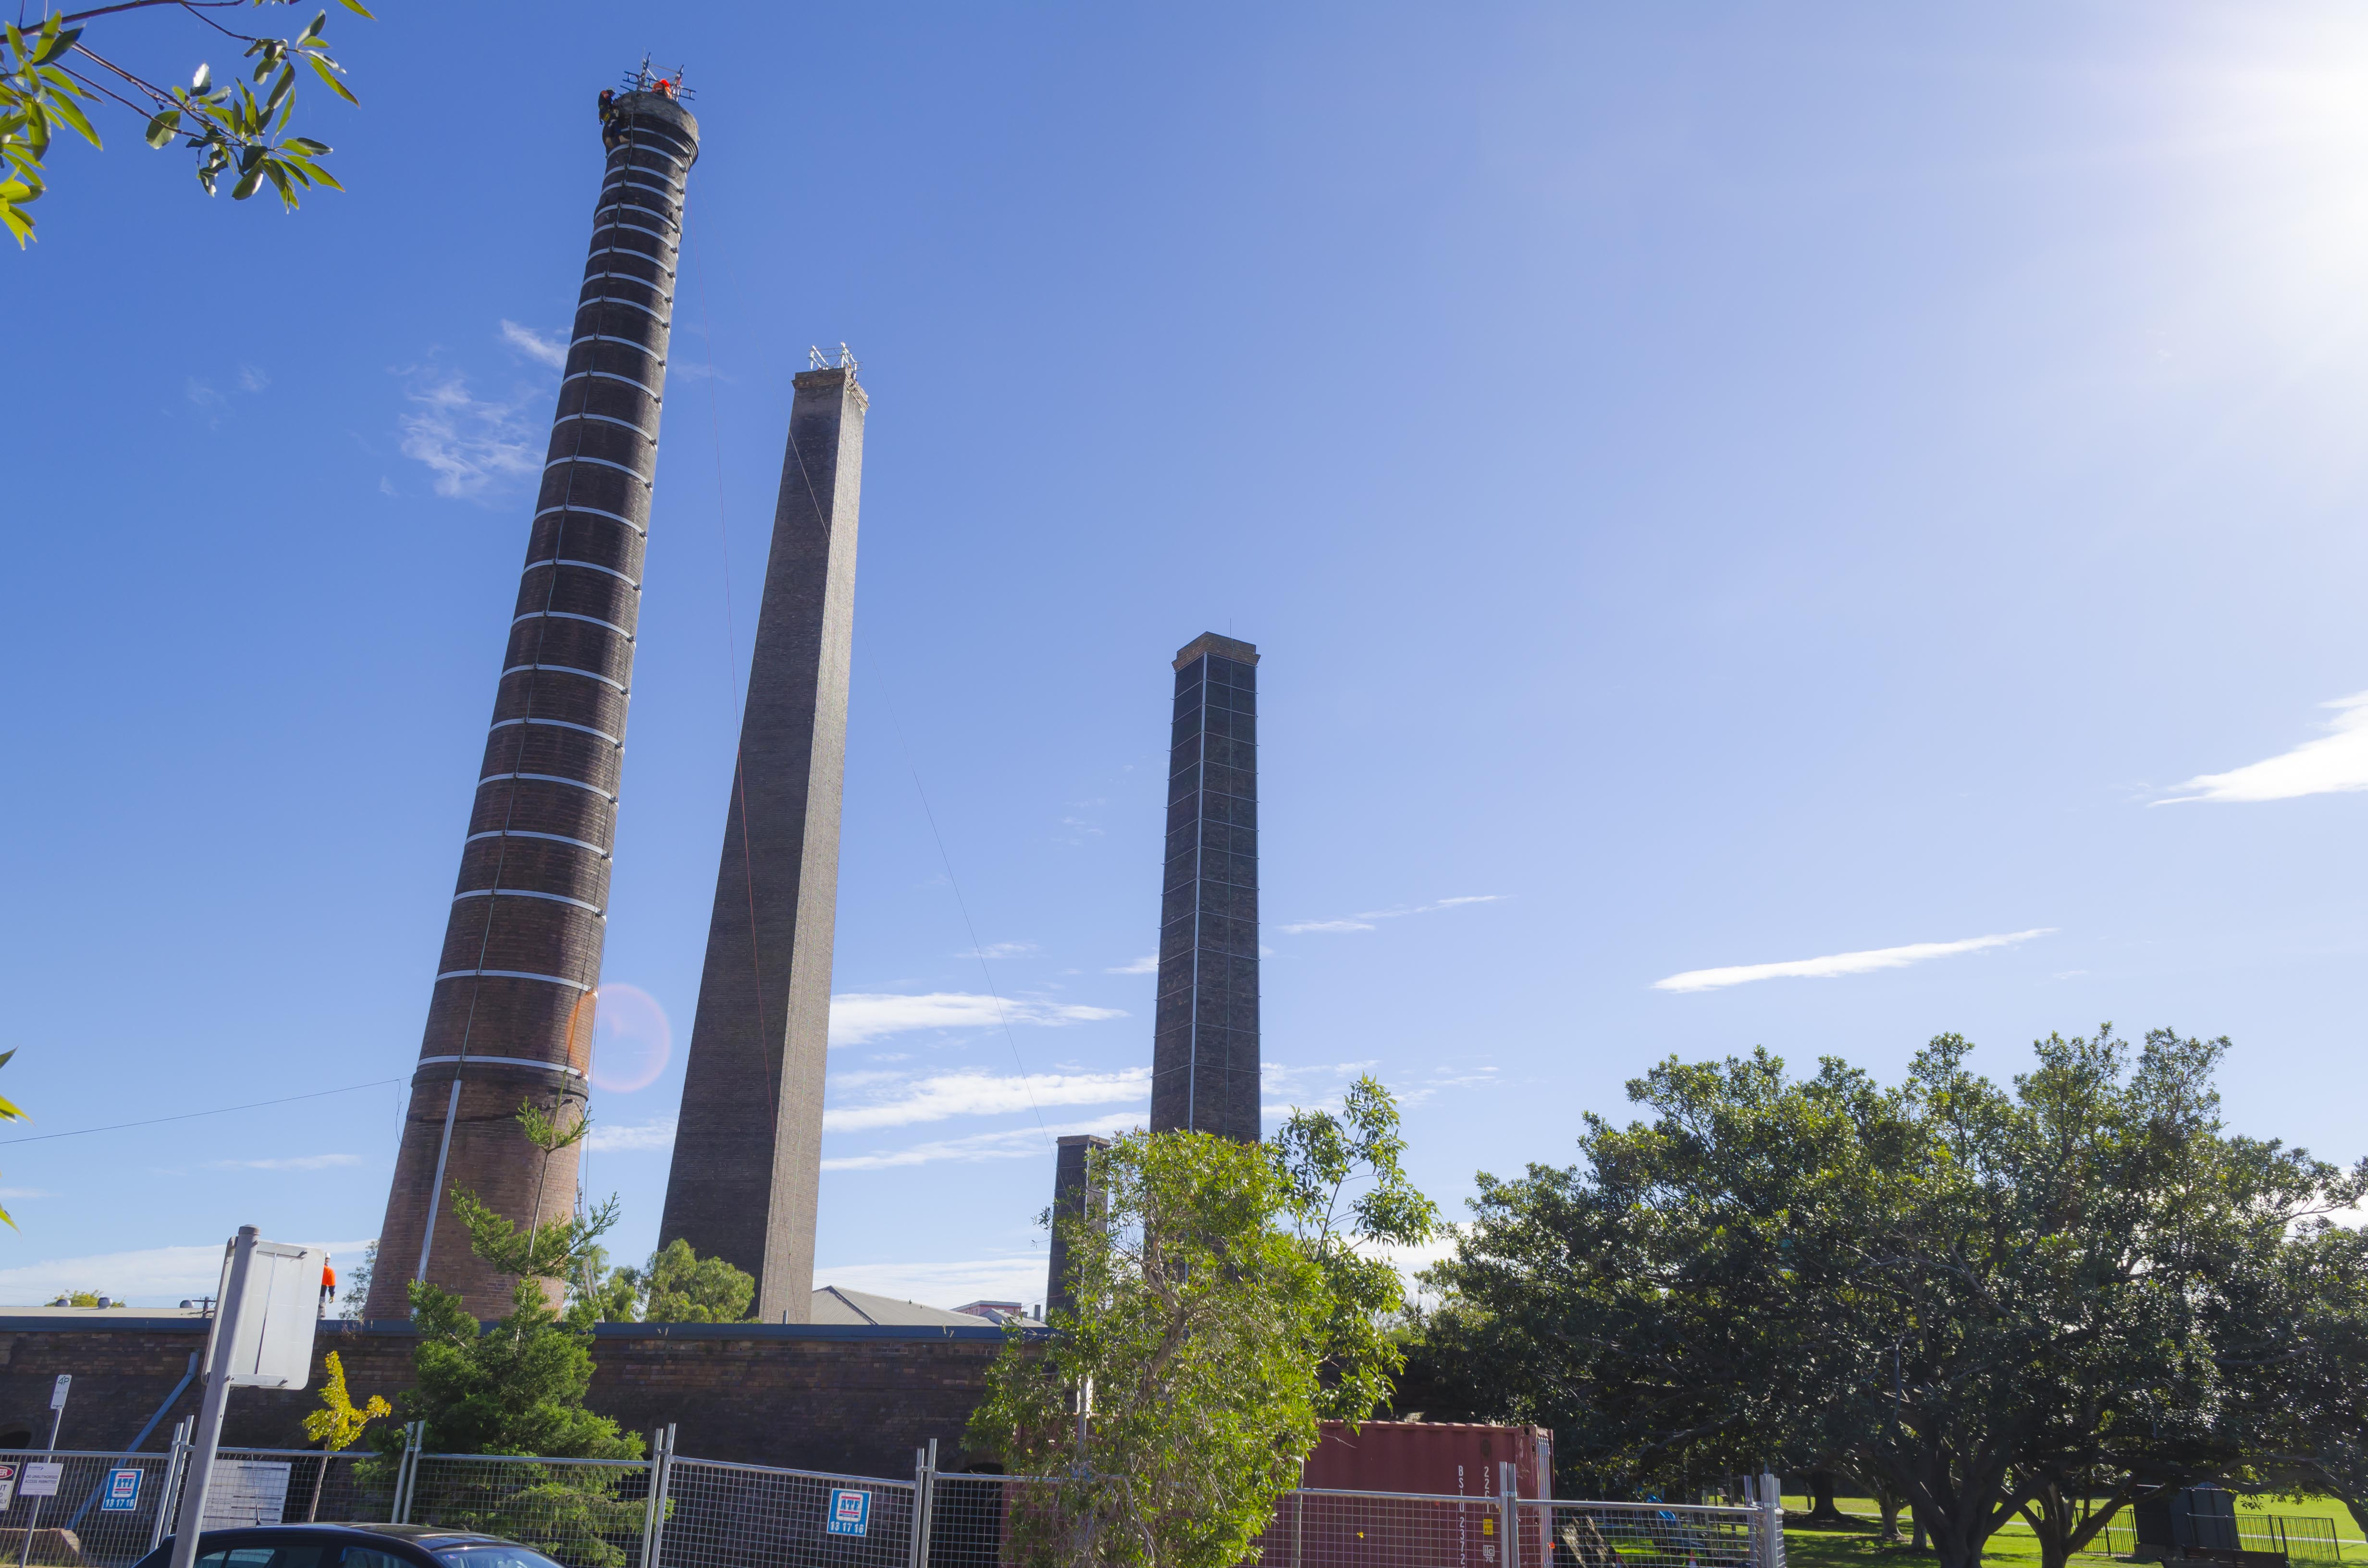 Sydney Park, chimneys, smoke stacks,